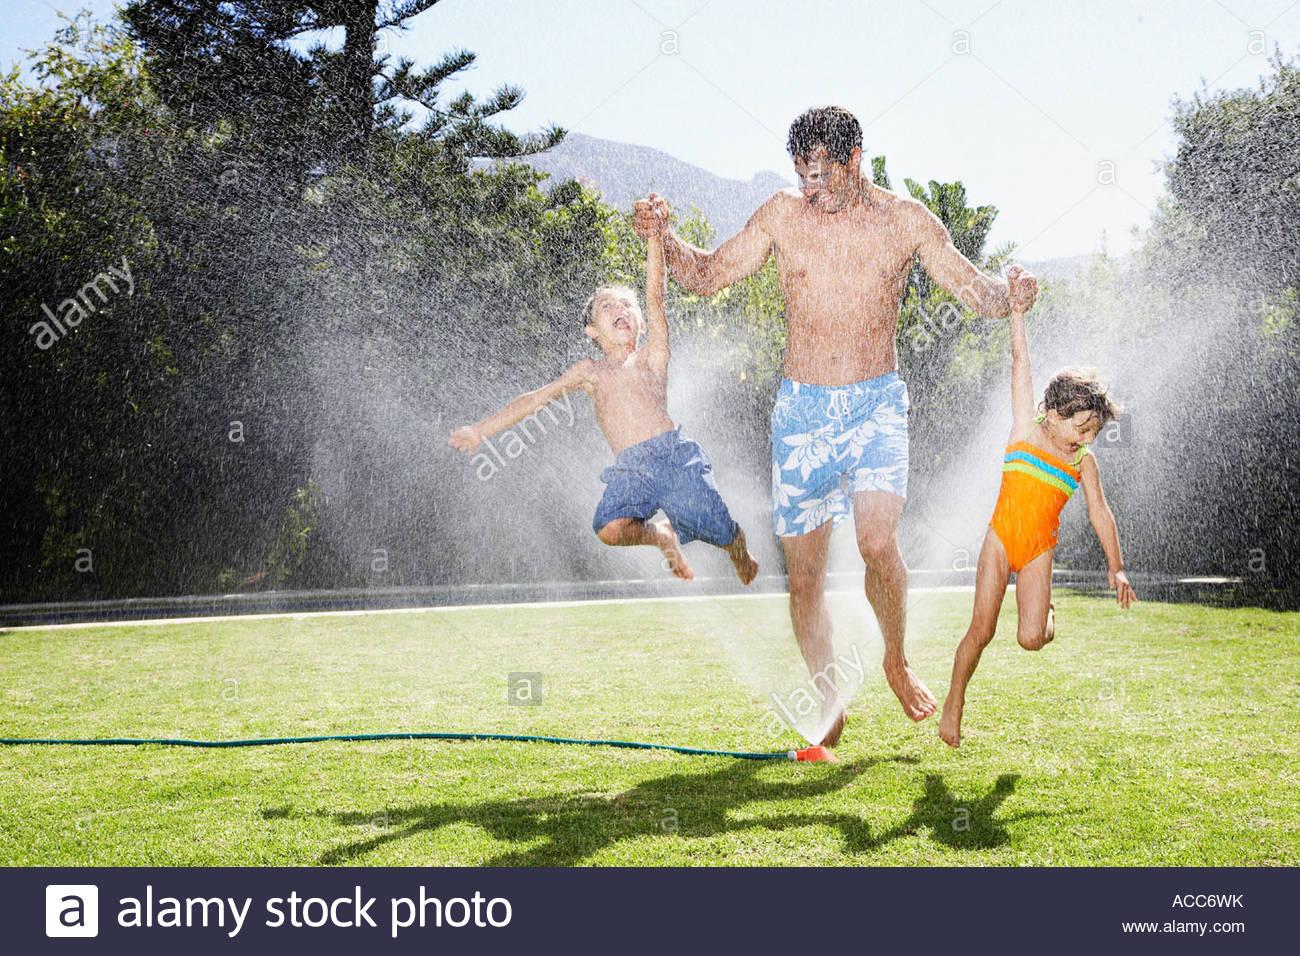 Un père jouant avec ses enfants dans un arroseur Photo Stock